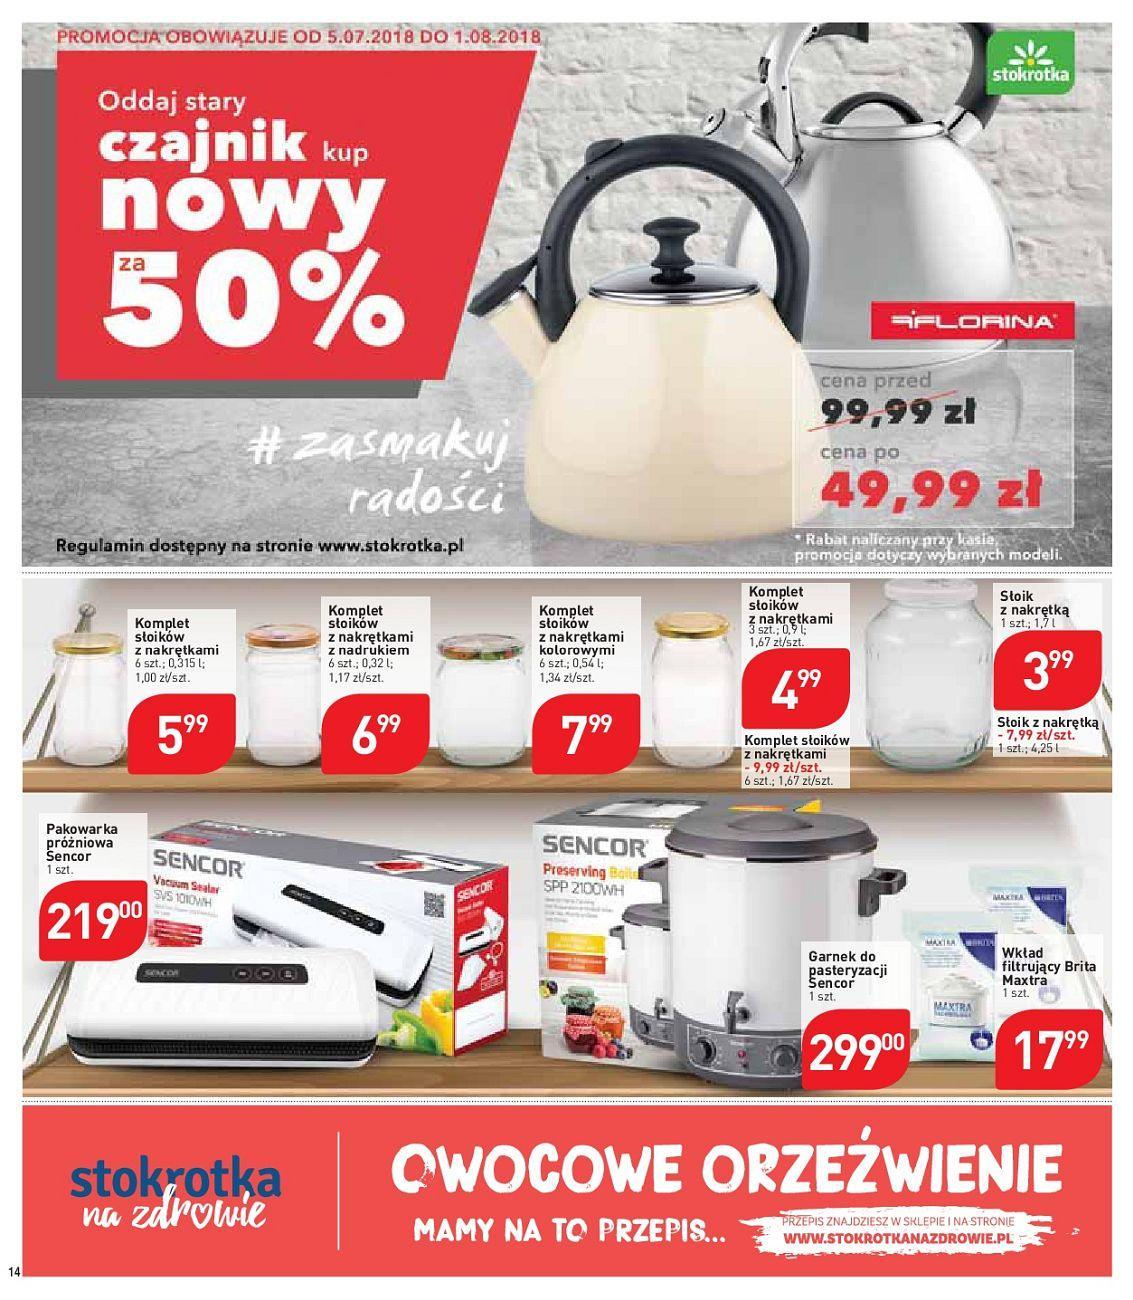 Gazetka promocyjna Stokrotka do 11/07/2018 str.14